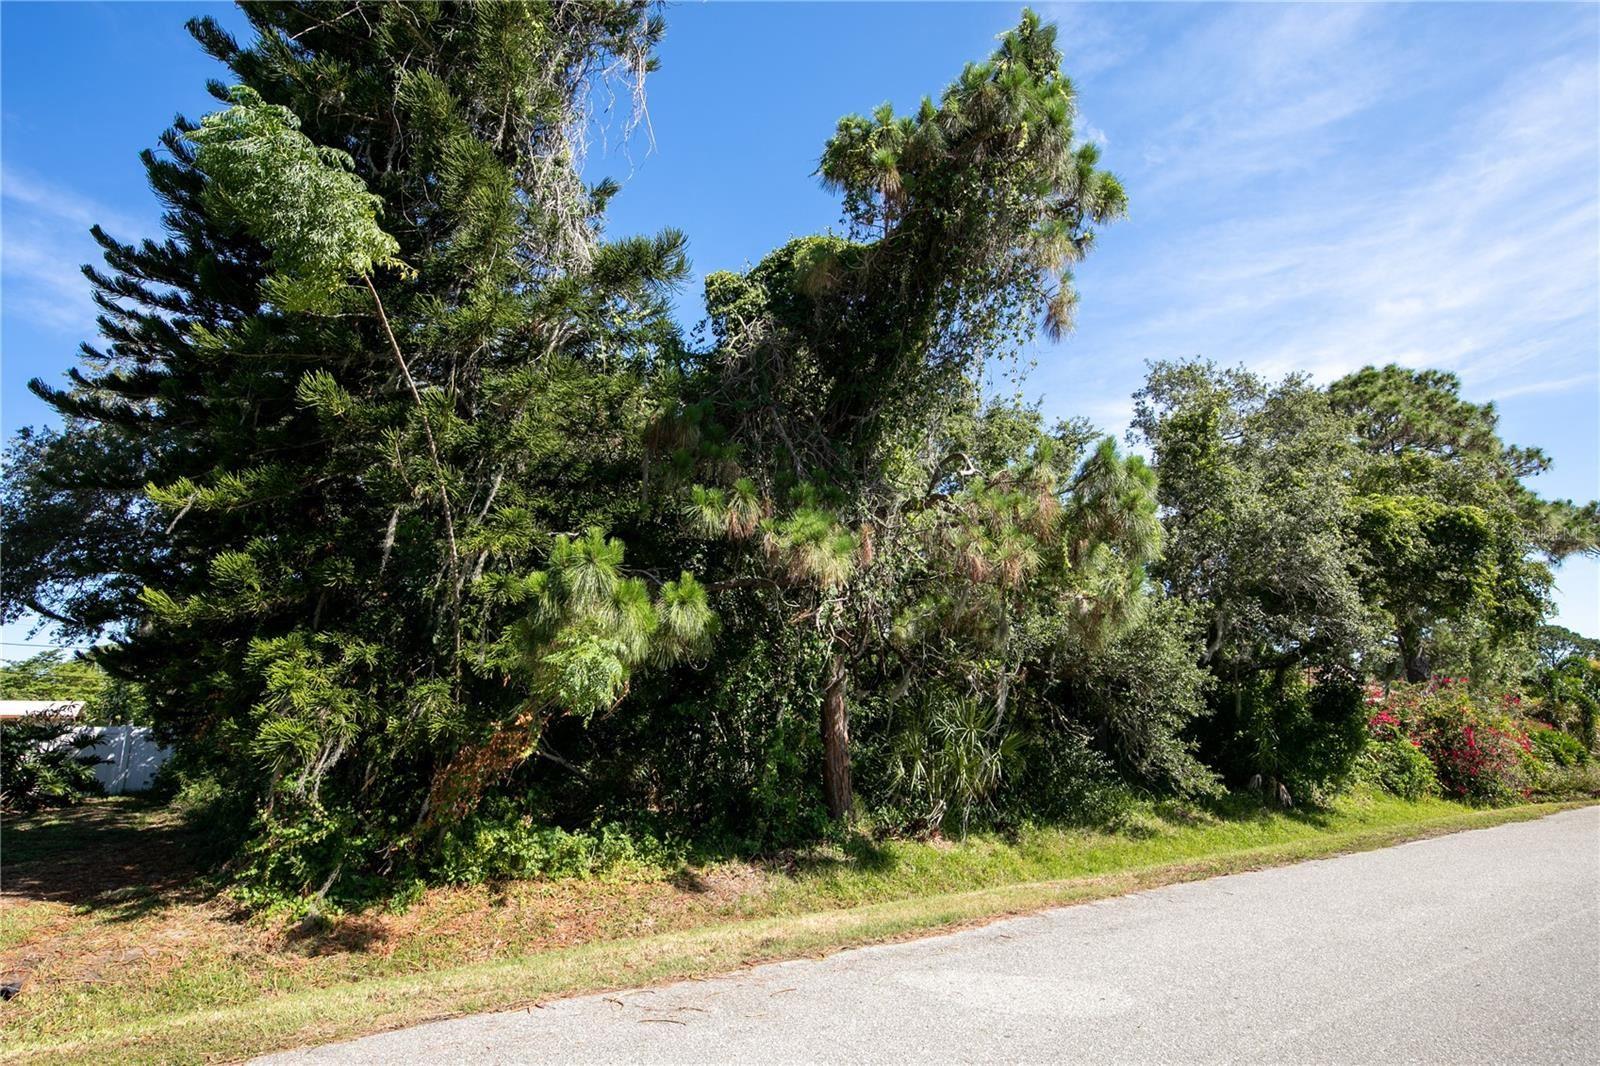 Photo of ACADIA ROAD, VENICE, FL 34293 (MLS # N6115708)